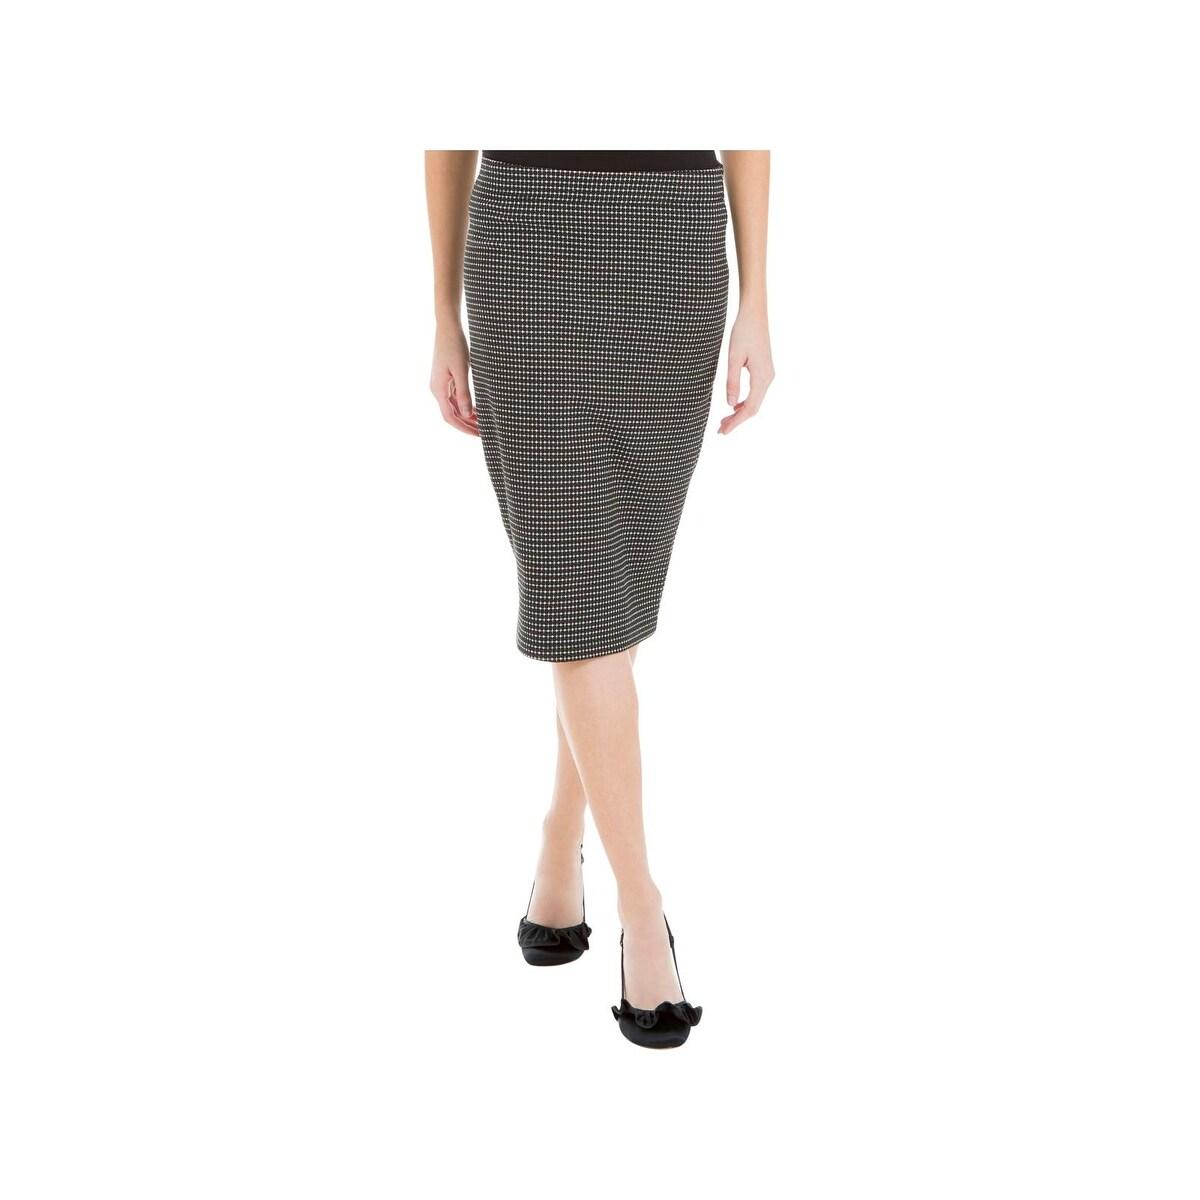 5811496e7 Womens Pencil Skirts – DACC